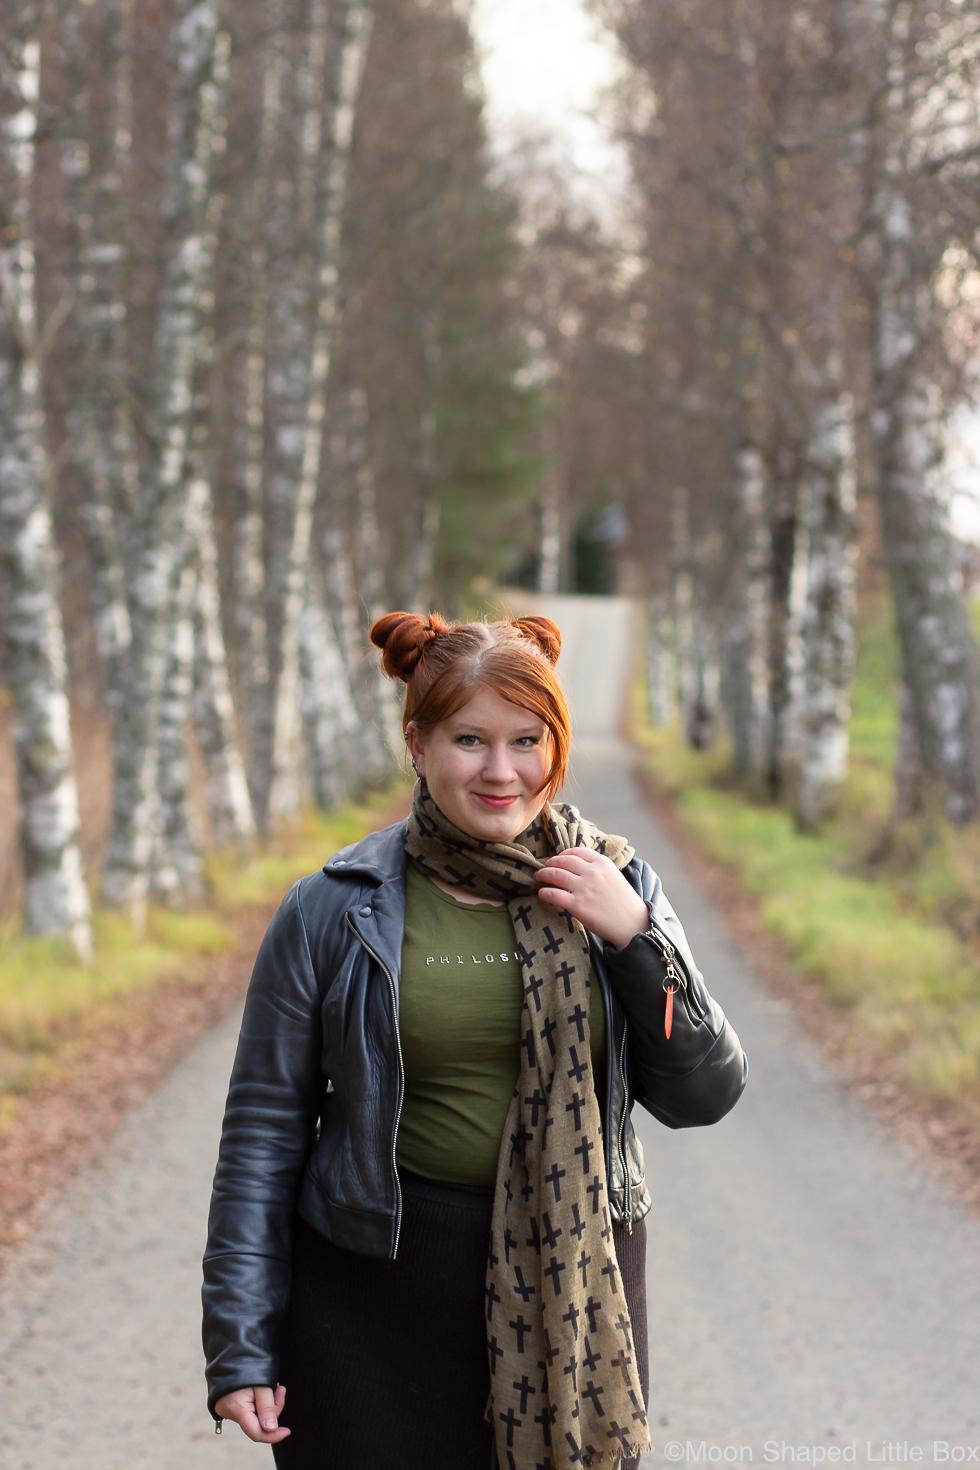 Tyylibloggaaja-suomi